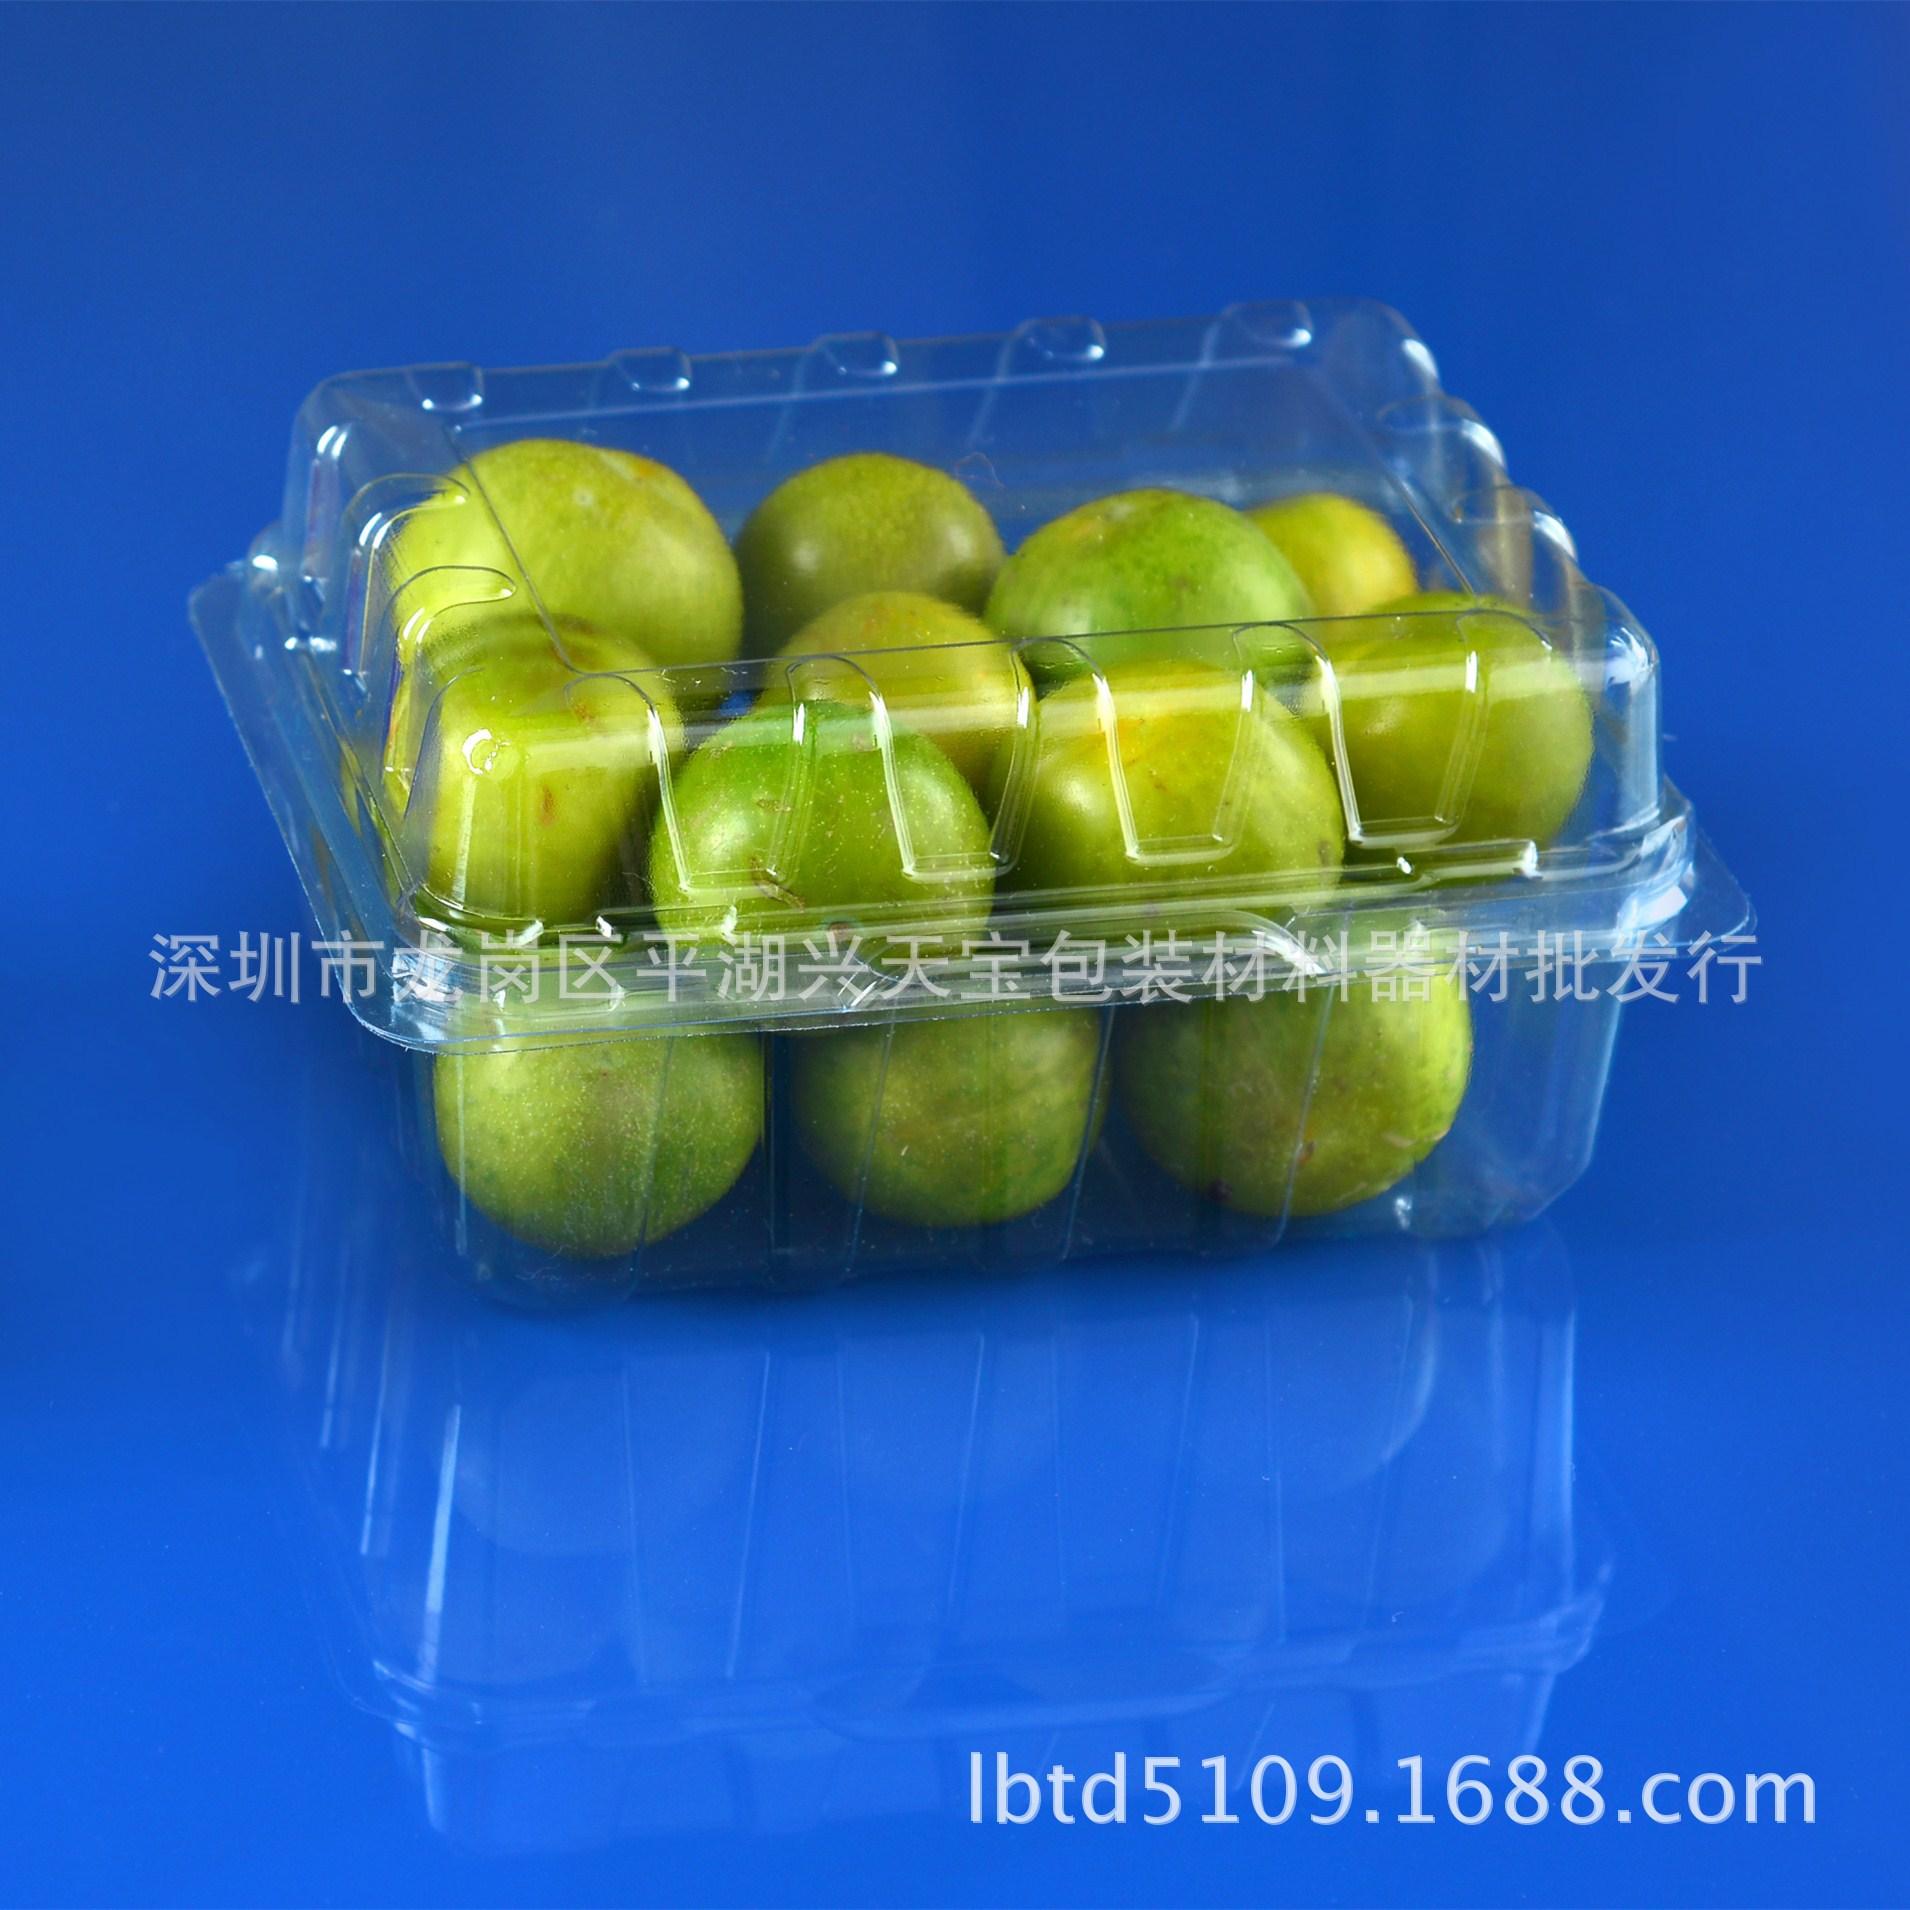 现货一次性环保水果蔬菜水果豆苗盒 透明吸塑塑料包装盒(小)